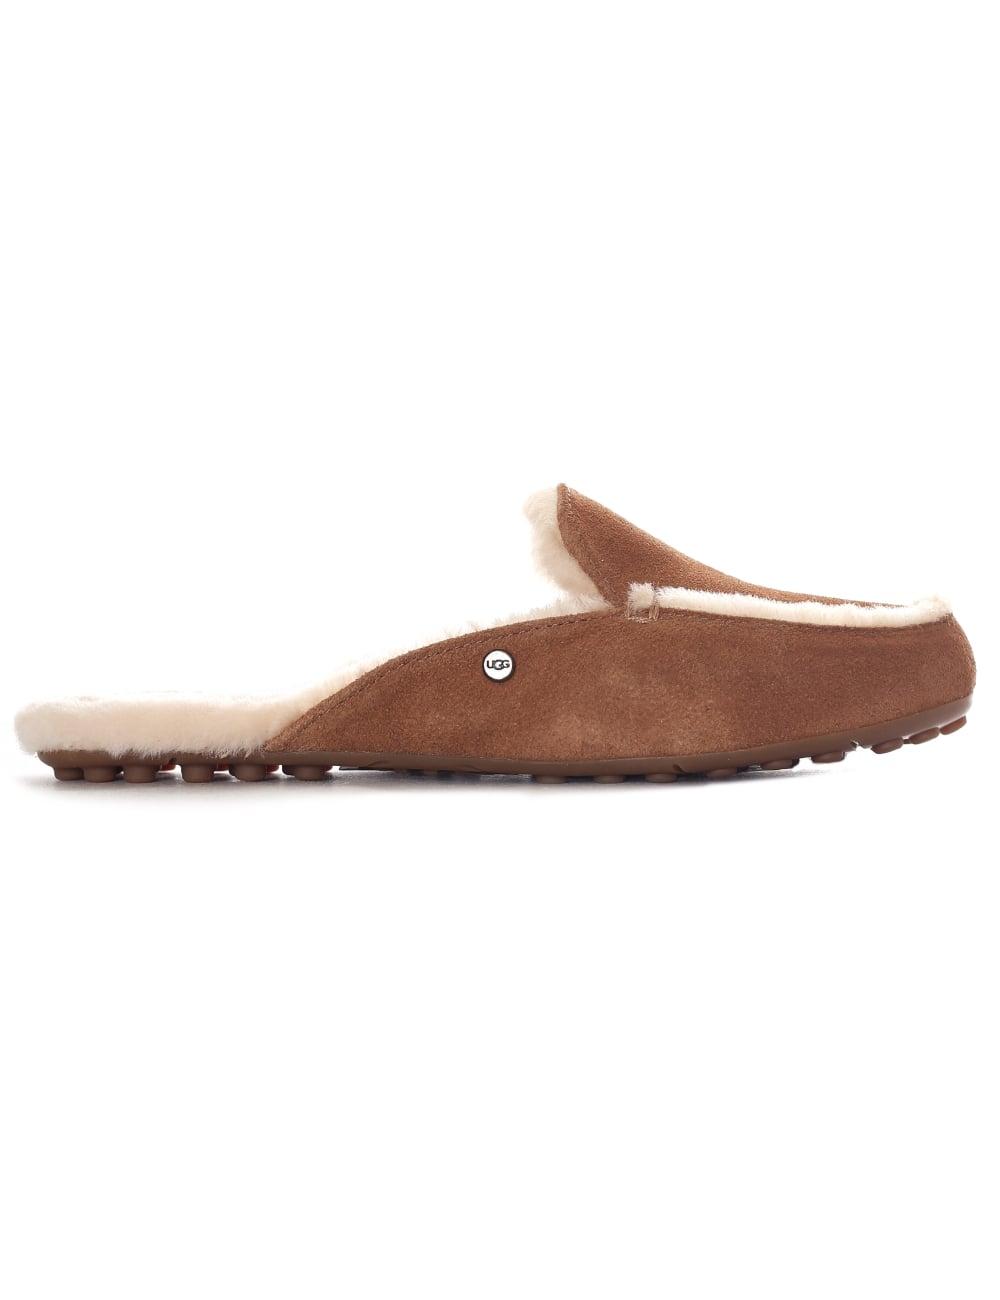 db5574f9ec UGG Women s Lane Slip-On Loafer Chestnut